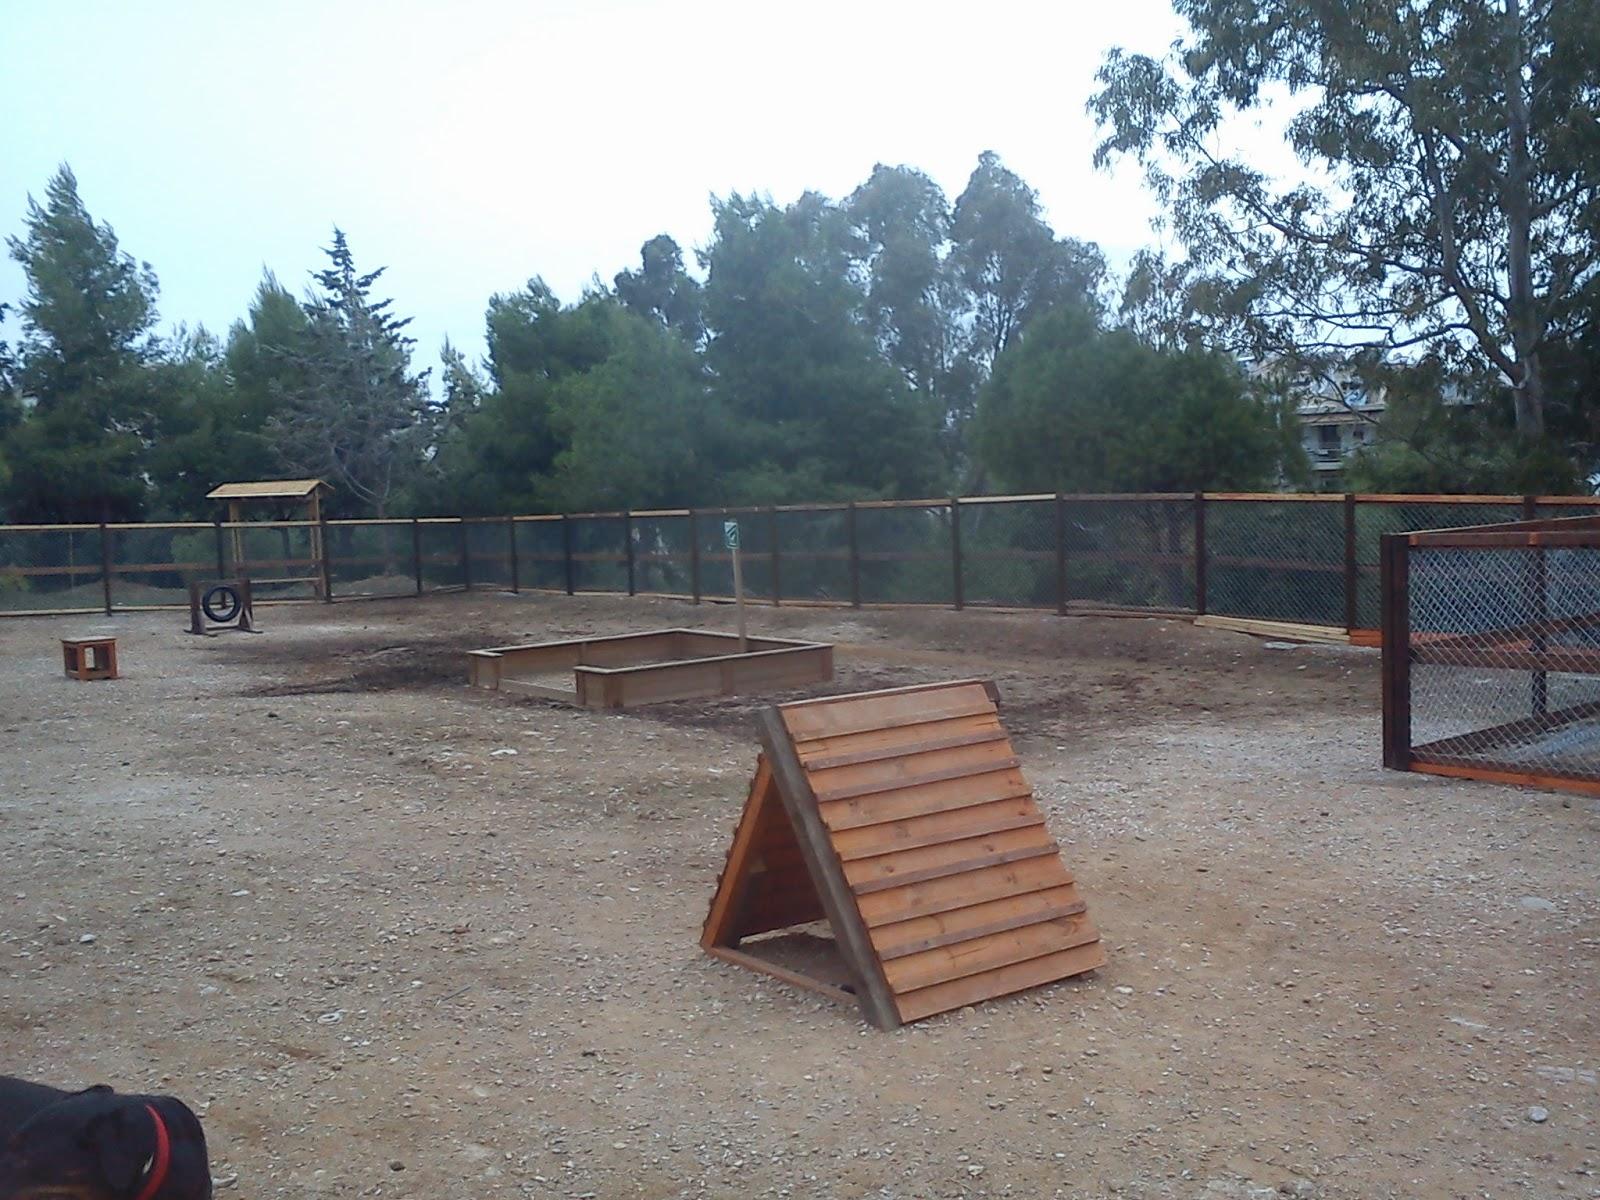 Δημοτικό πάρκο σκύλων Ηλιούπολης